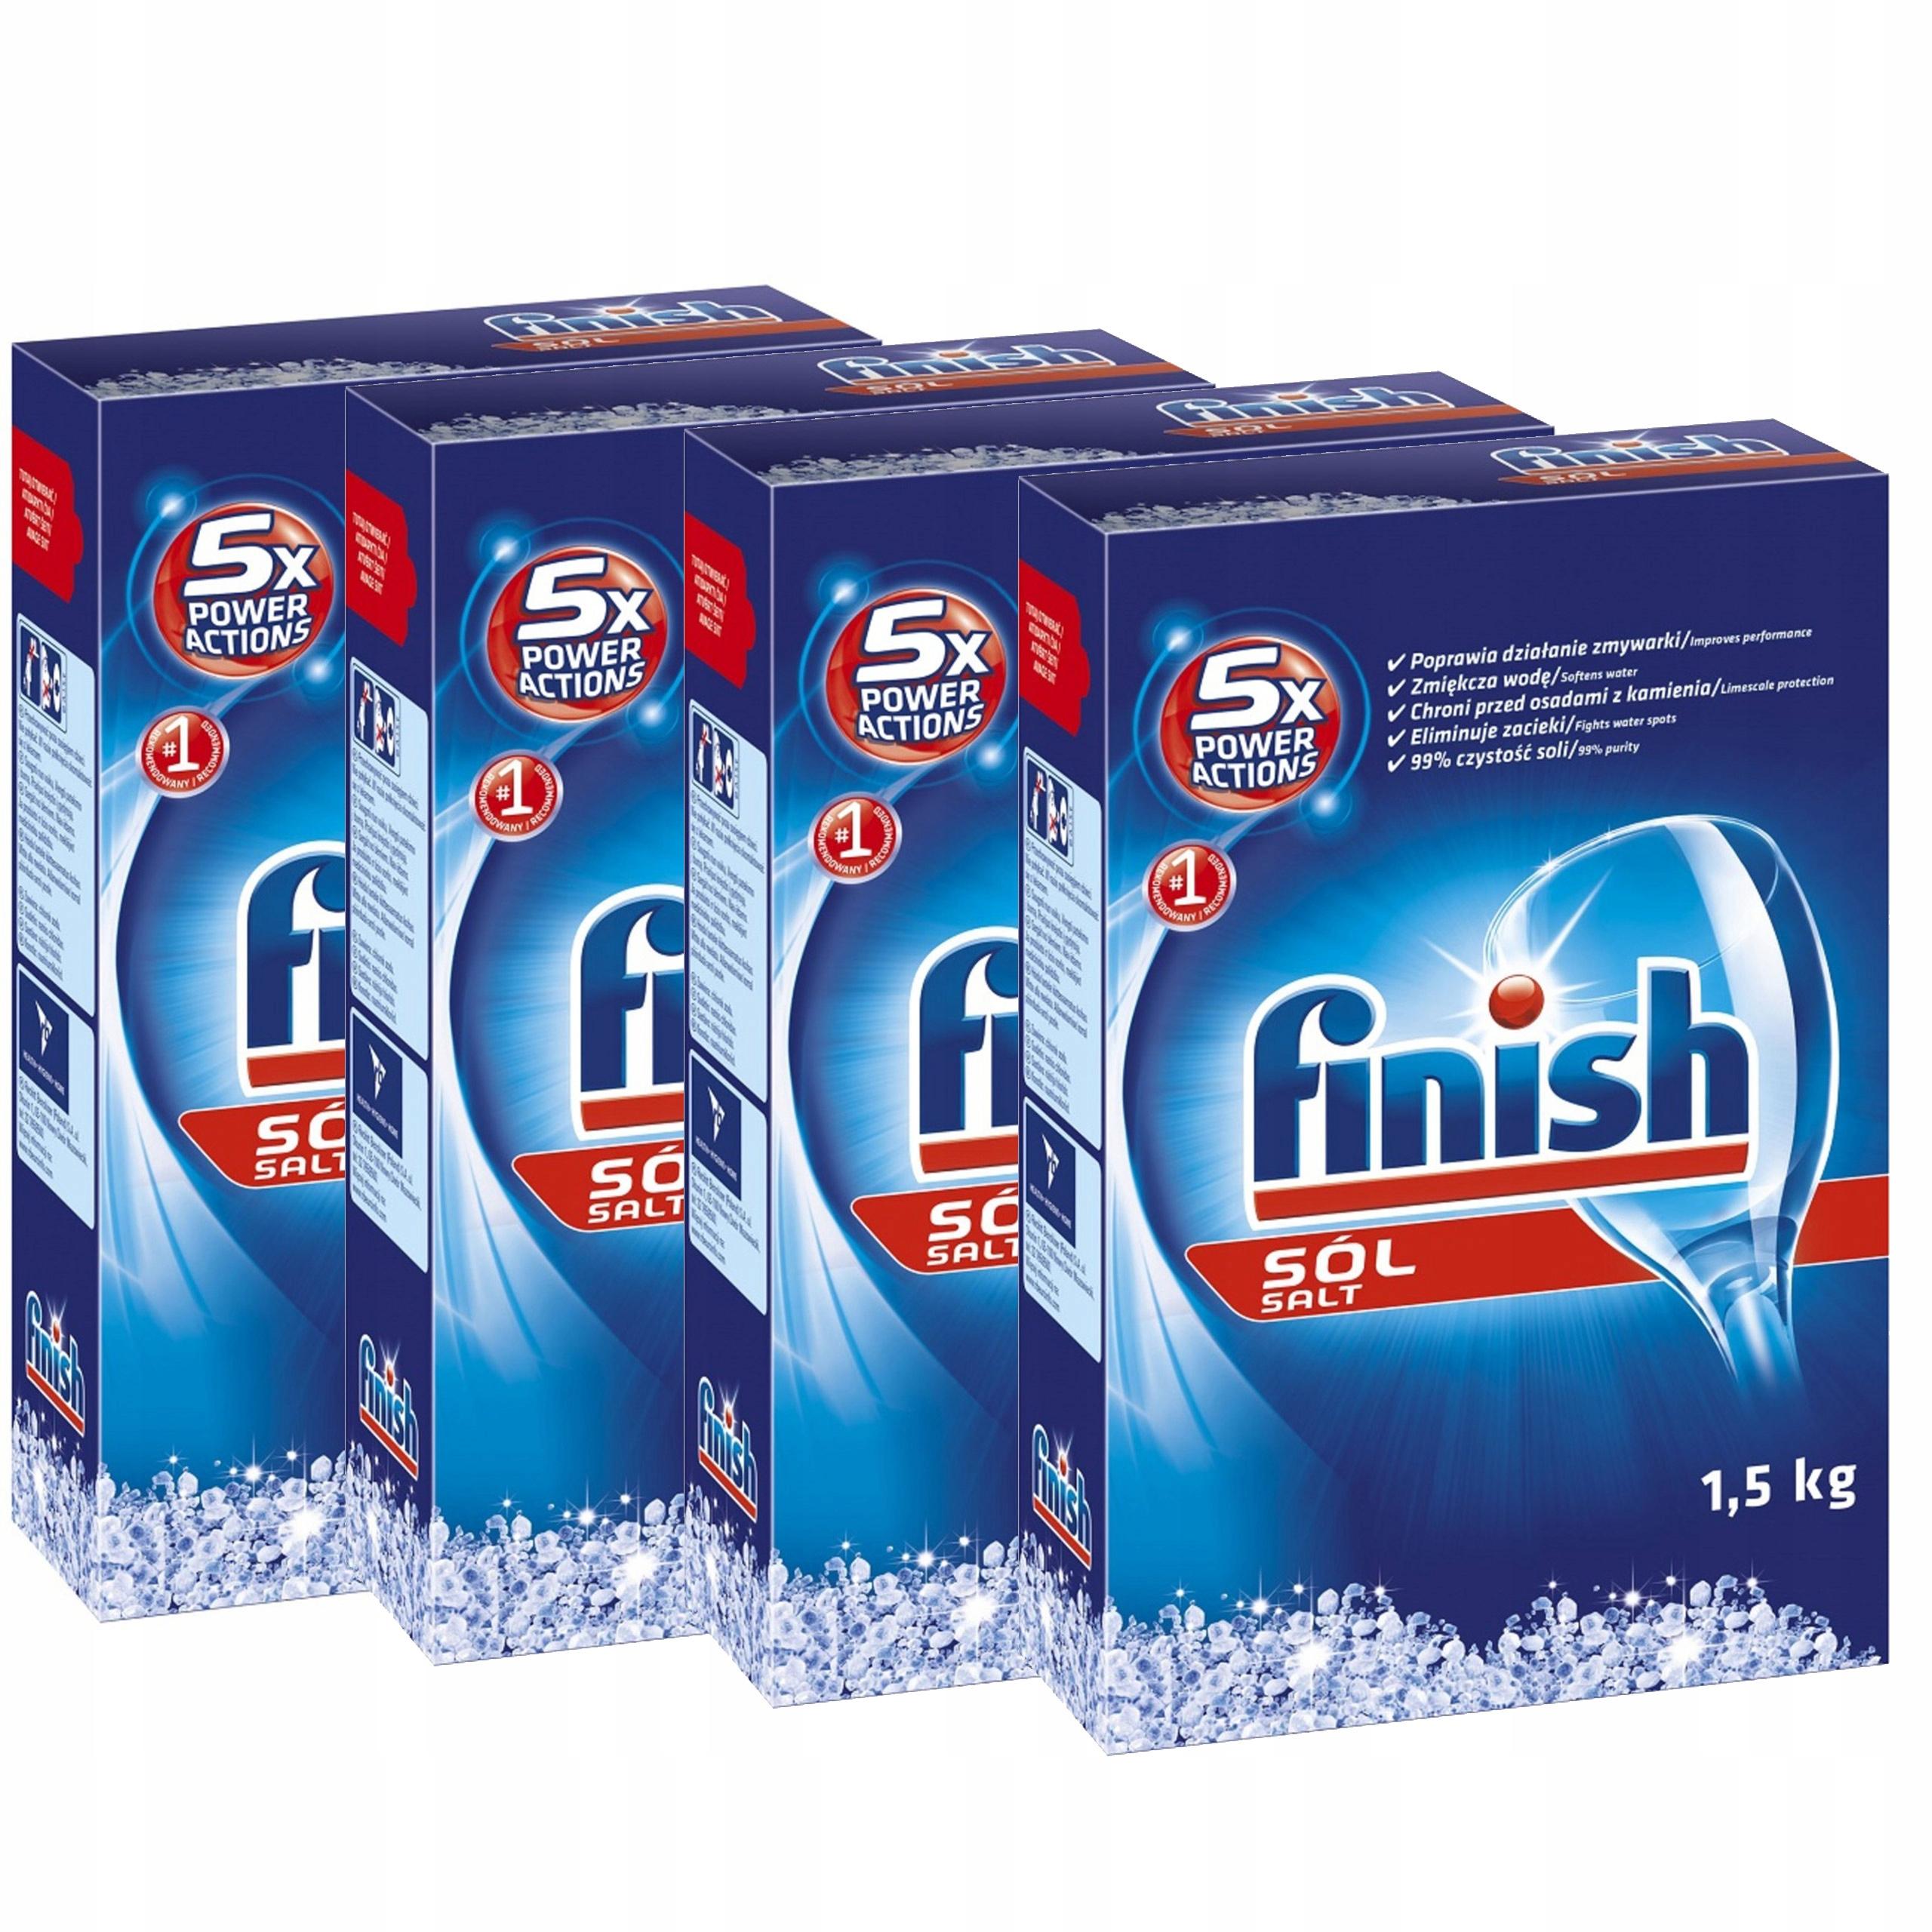 Finish Соль для Посудомоечной машины для Смягчения Воды 4х1,5КГ